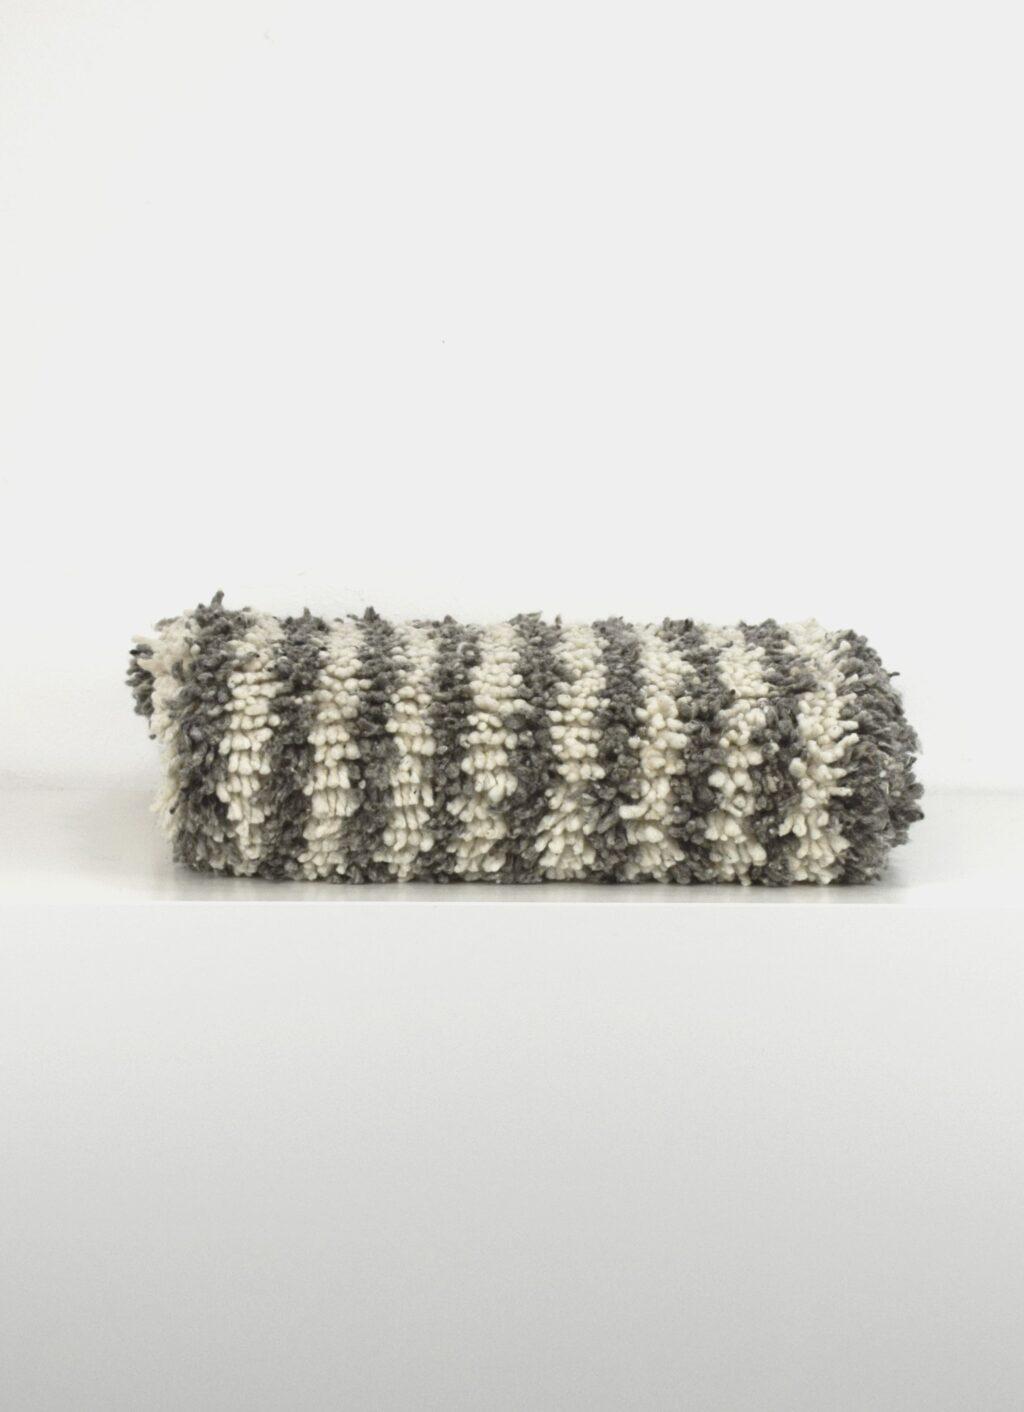 Que onda vos - Handwoven rug - Peluche II - 85x140cm